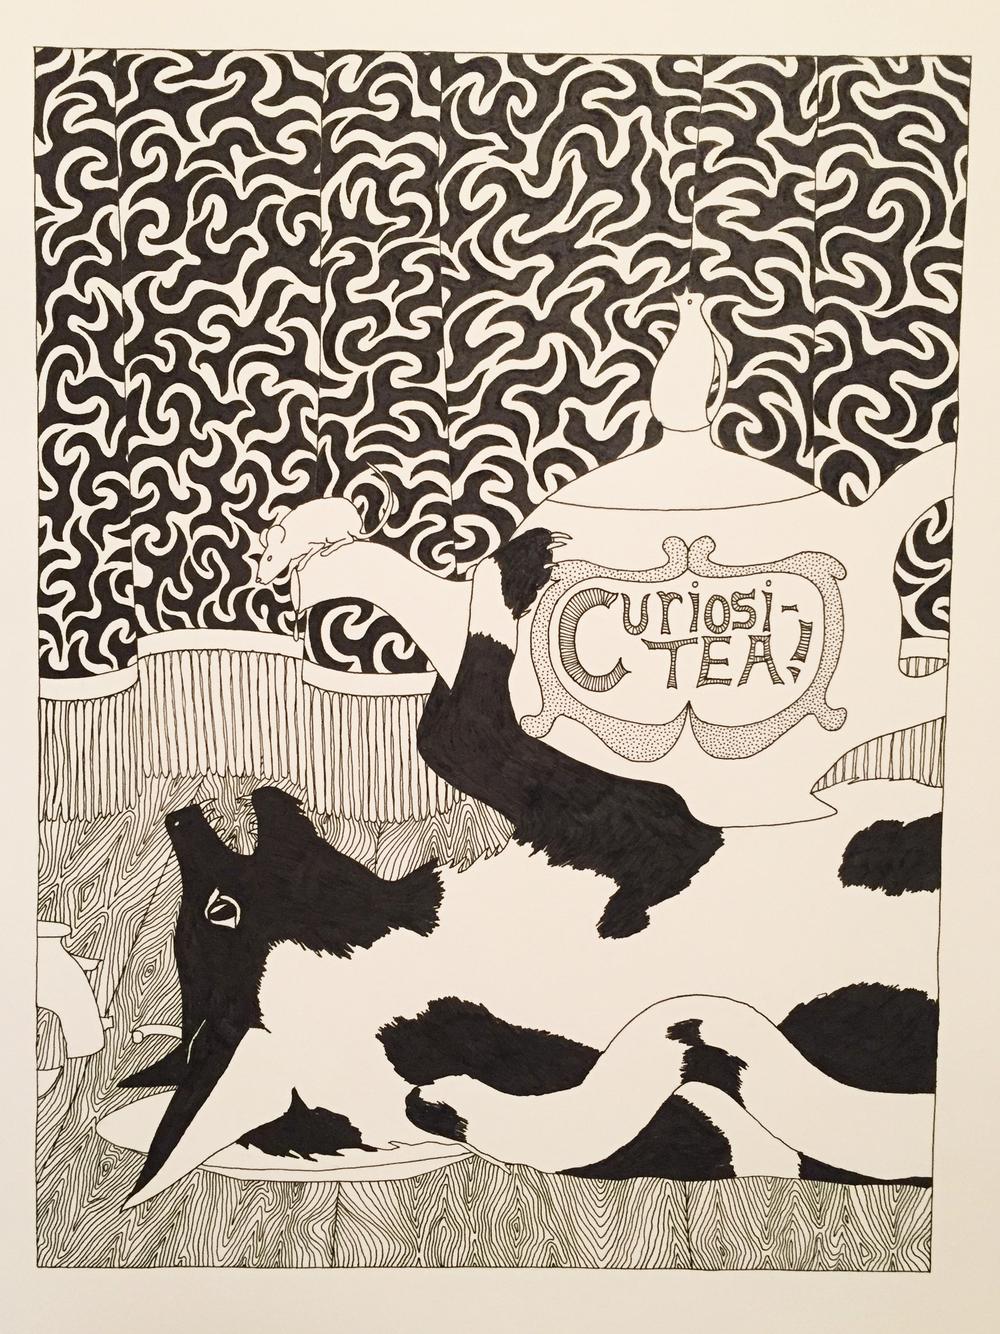 Curiosi-Tea